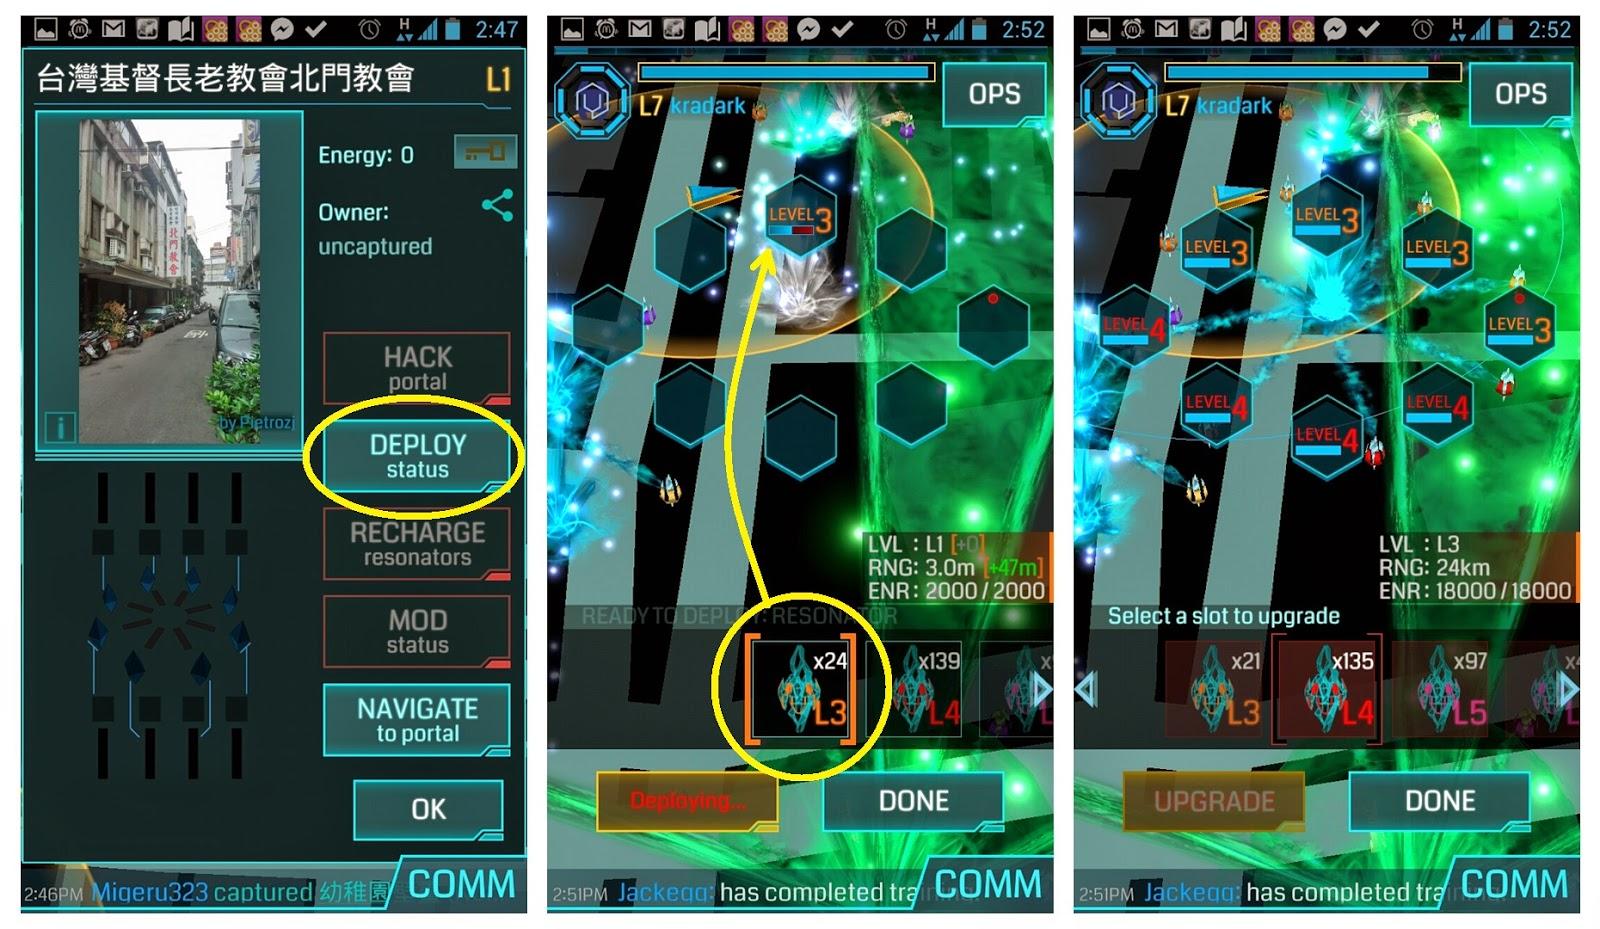 寶可夢GO的前作 - 擴增實境大作Ingress不只是一個GAME! - 8